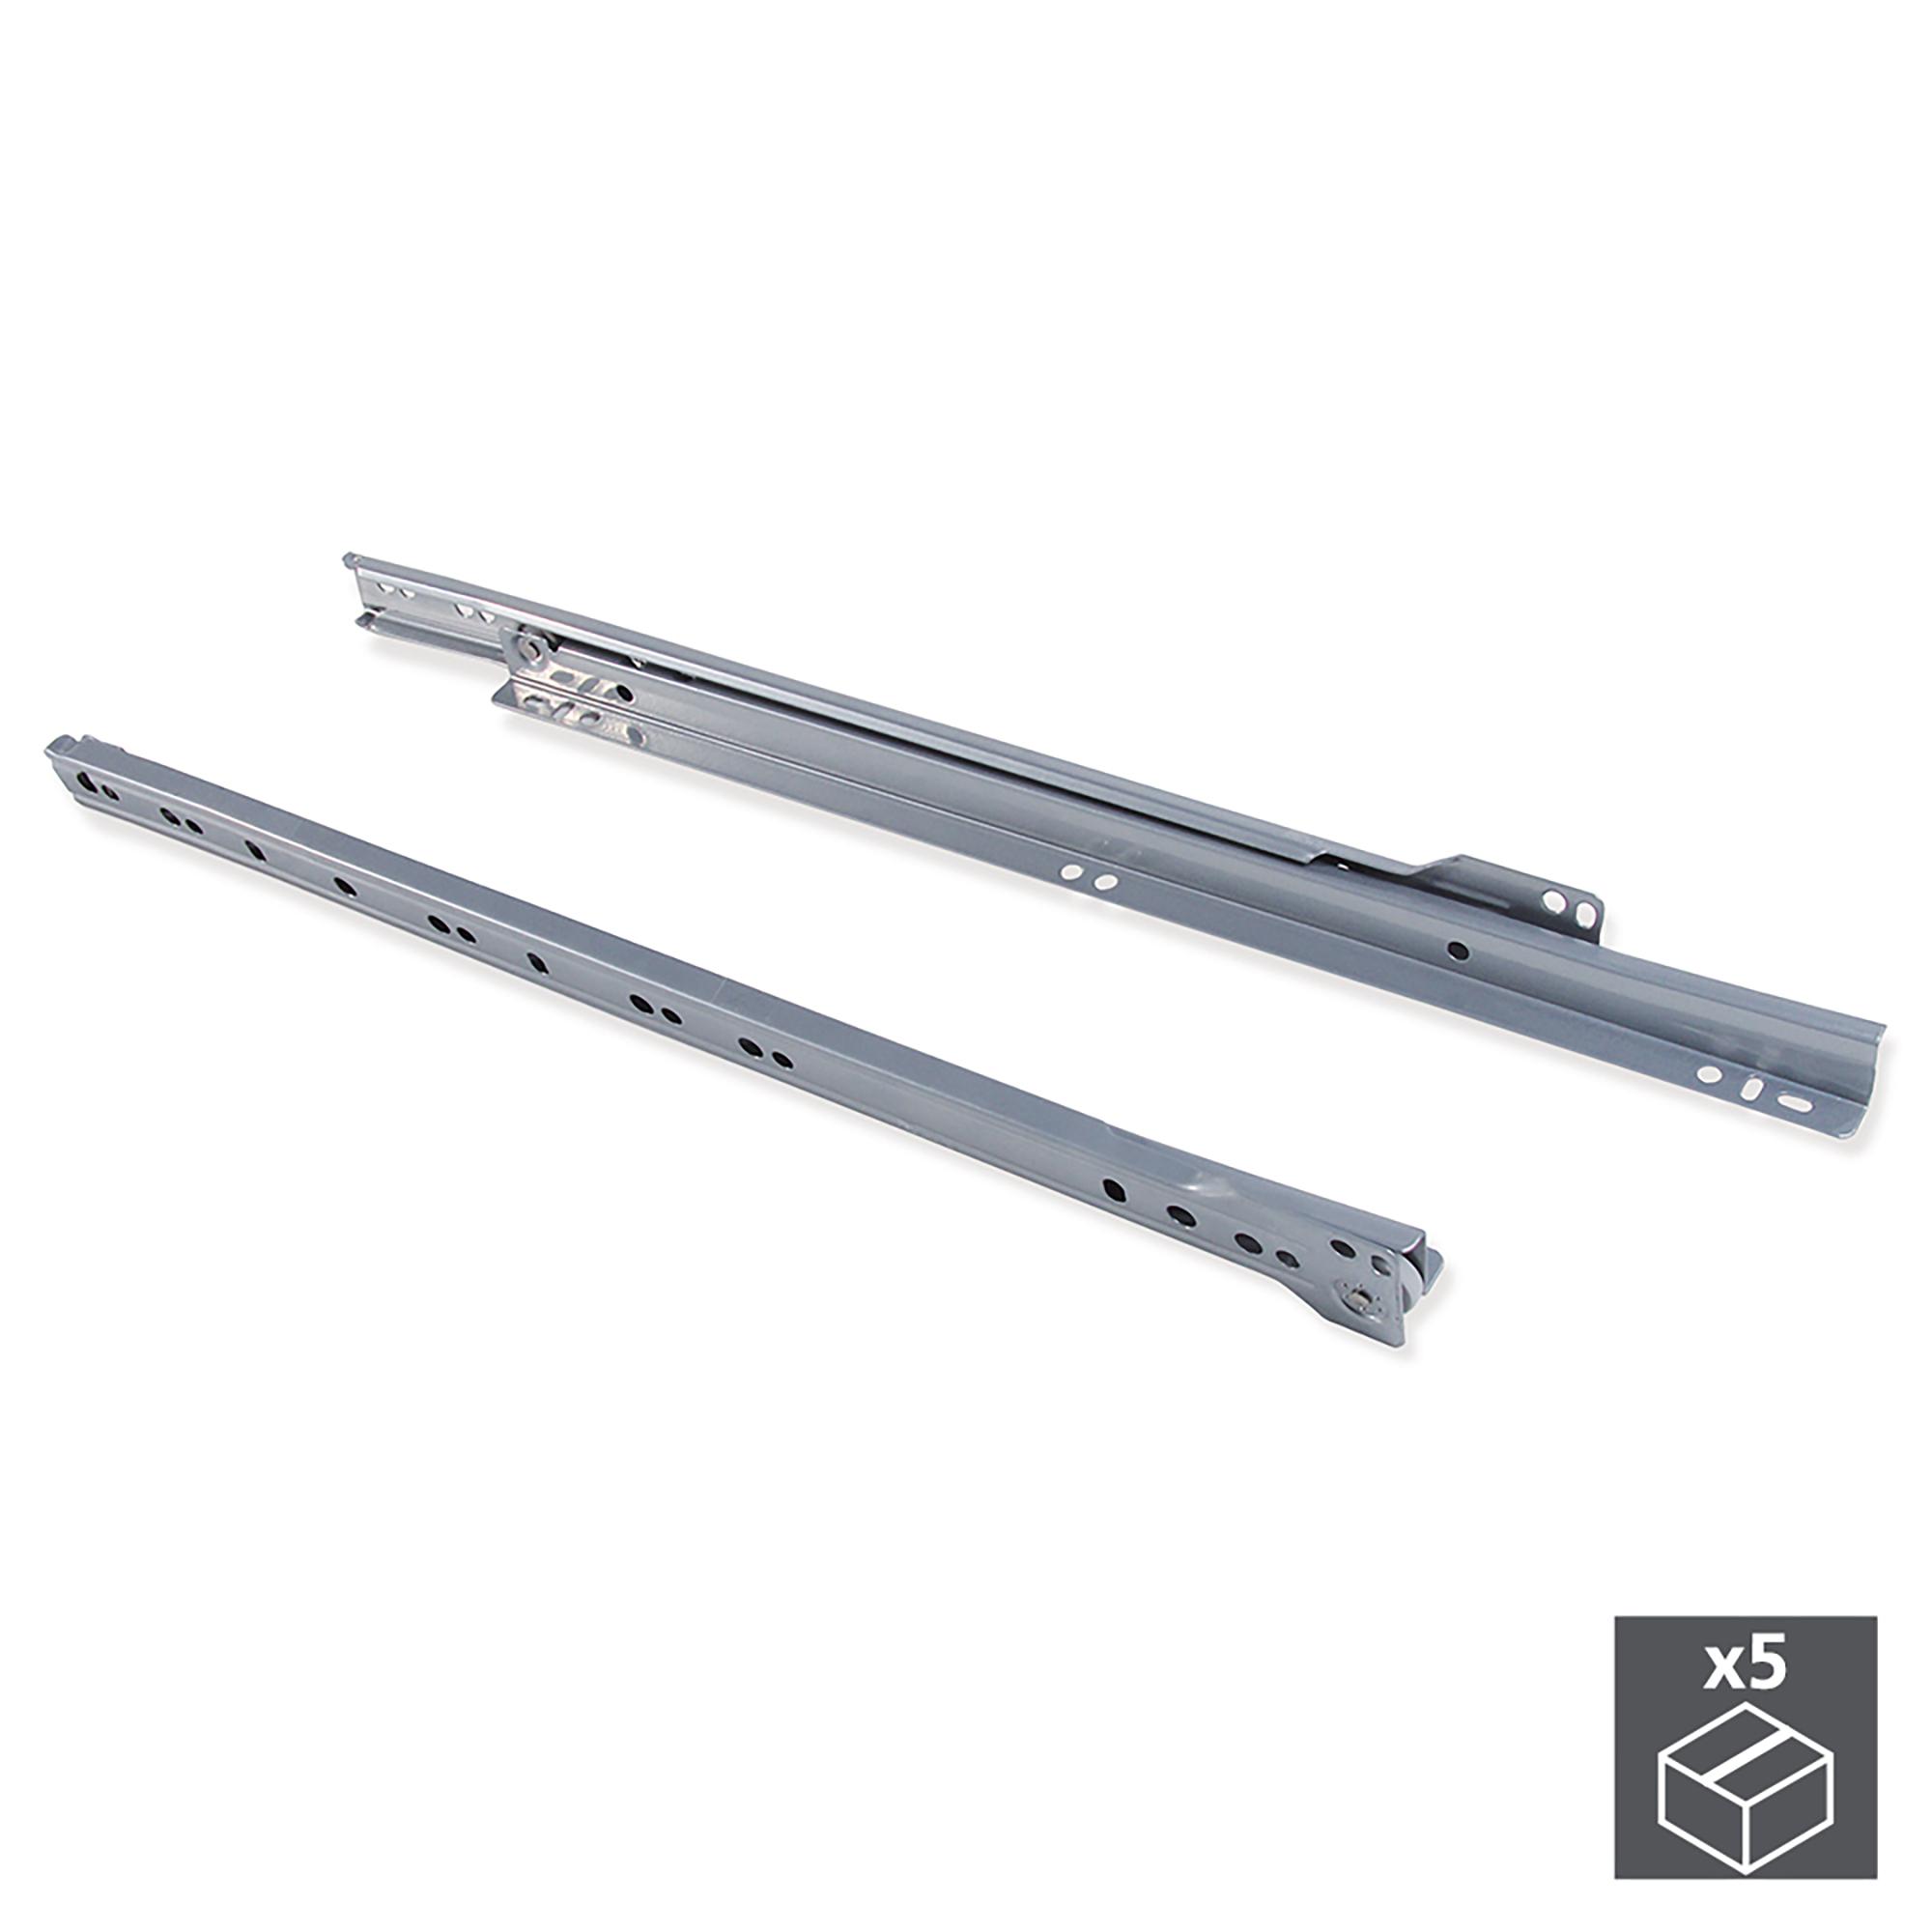 Emuca Kit Guide a rotella per cassetti, chiusura con caduta, 400 mm, a estrazione parziale, Grigio metallizzato, 5 u.